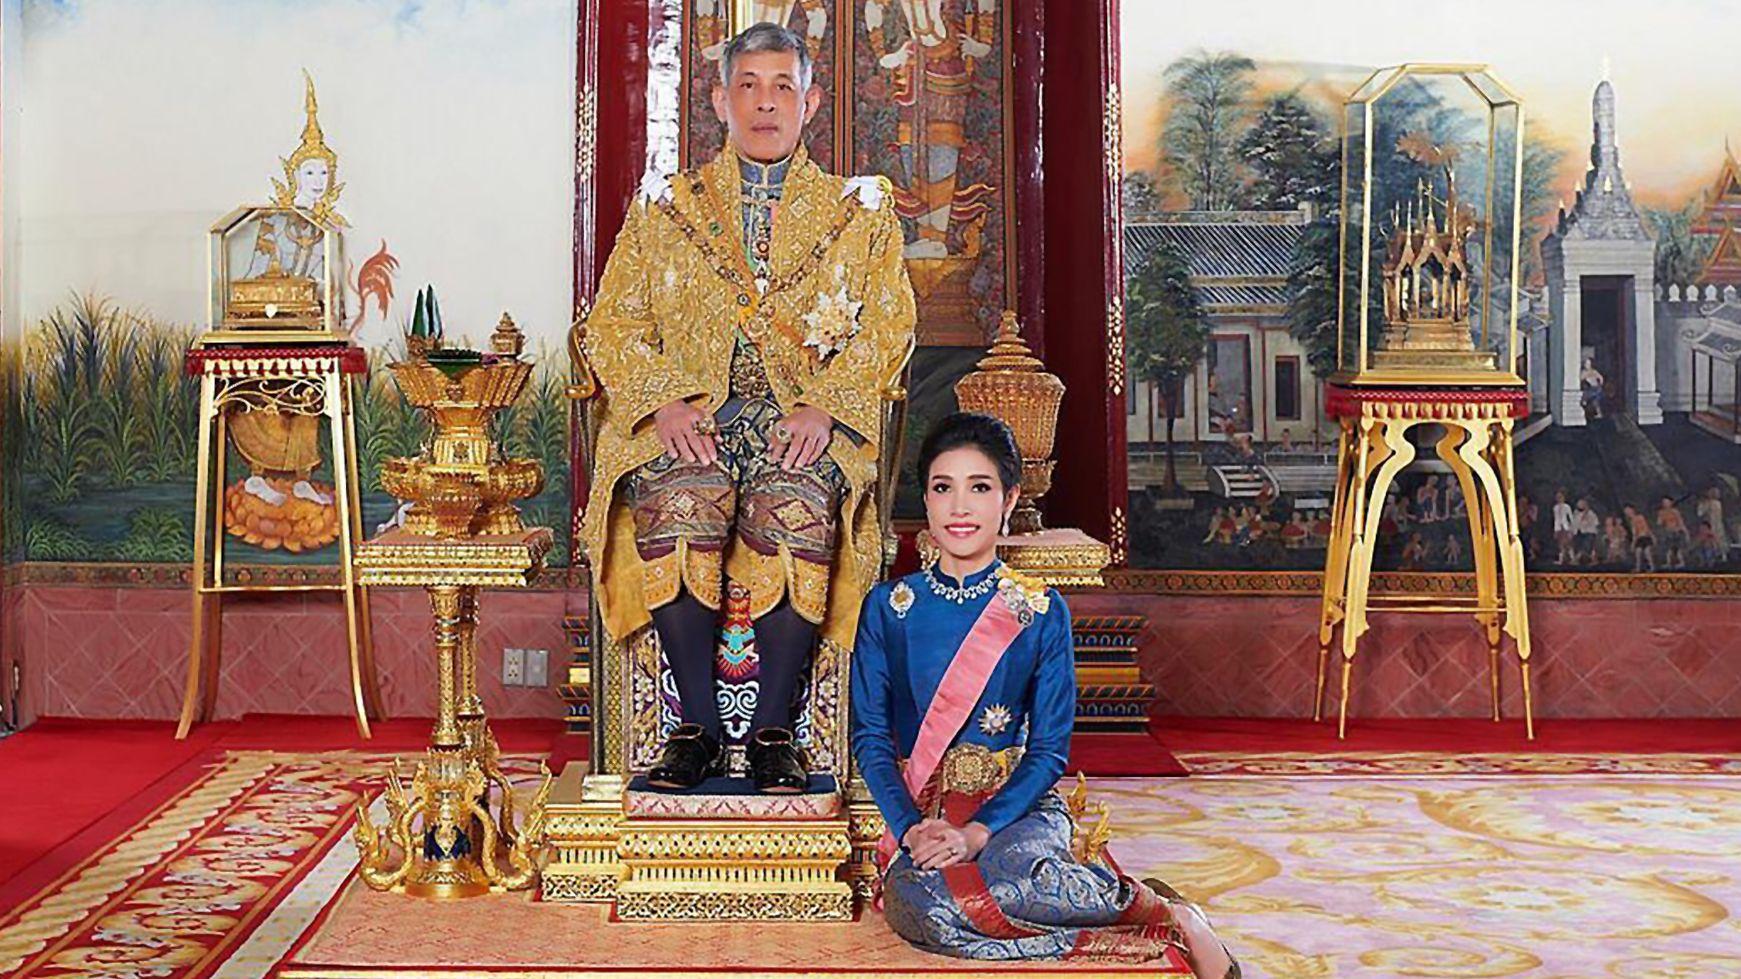 Thailands König Maha Vajiralongkorn mit Generalmajor Sineenatra Wongvajirabhakdi